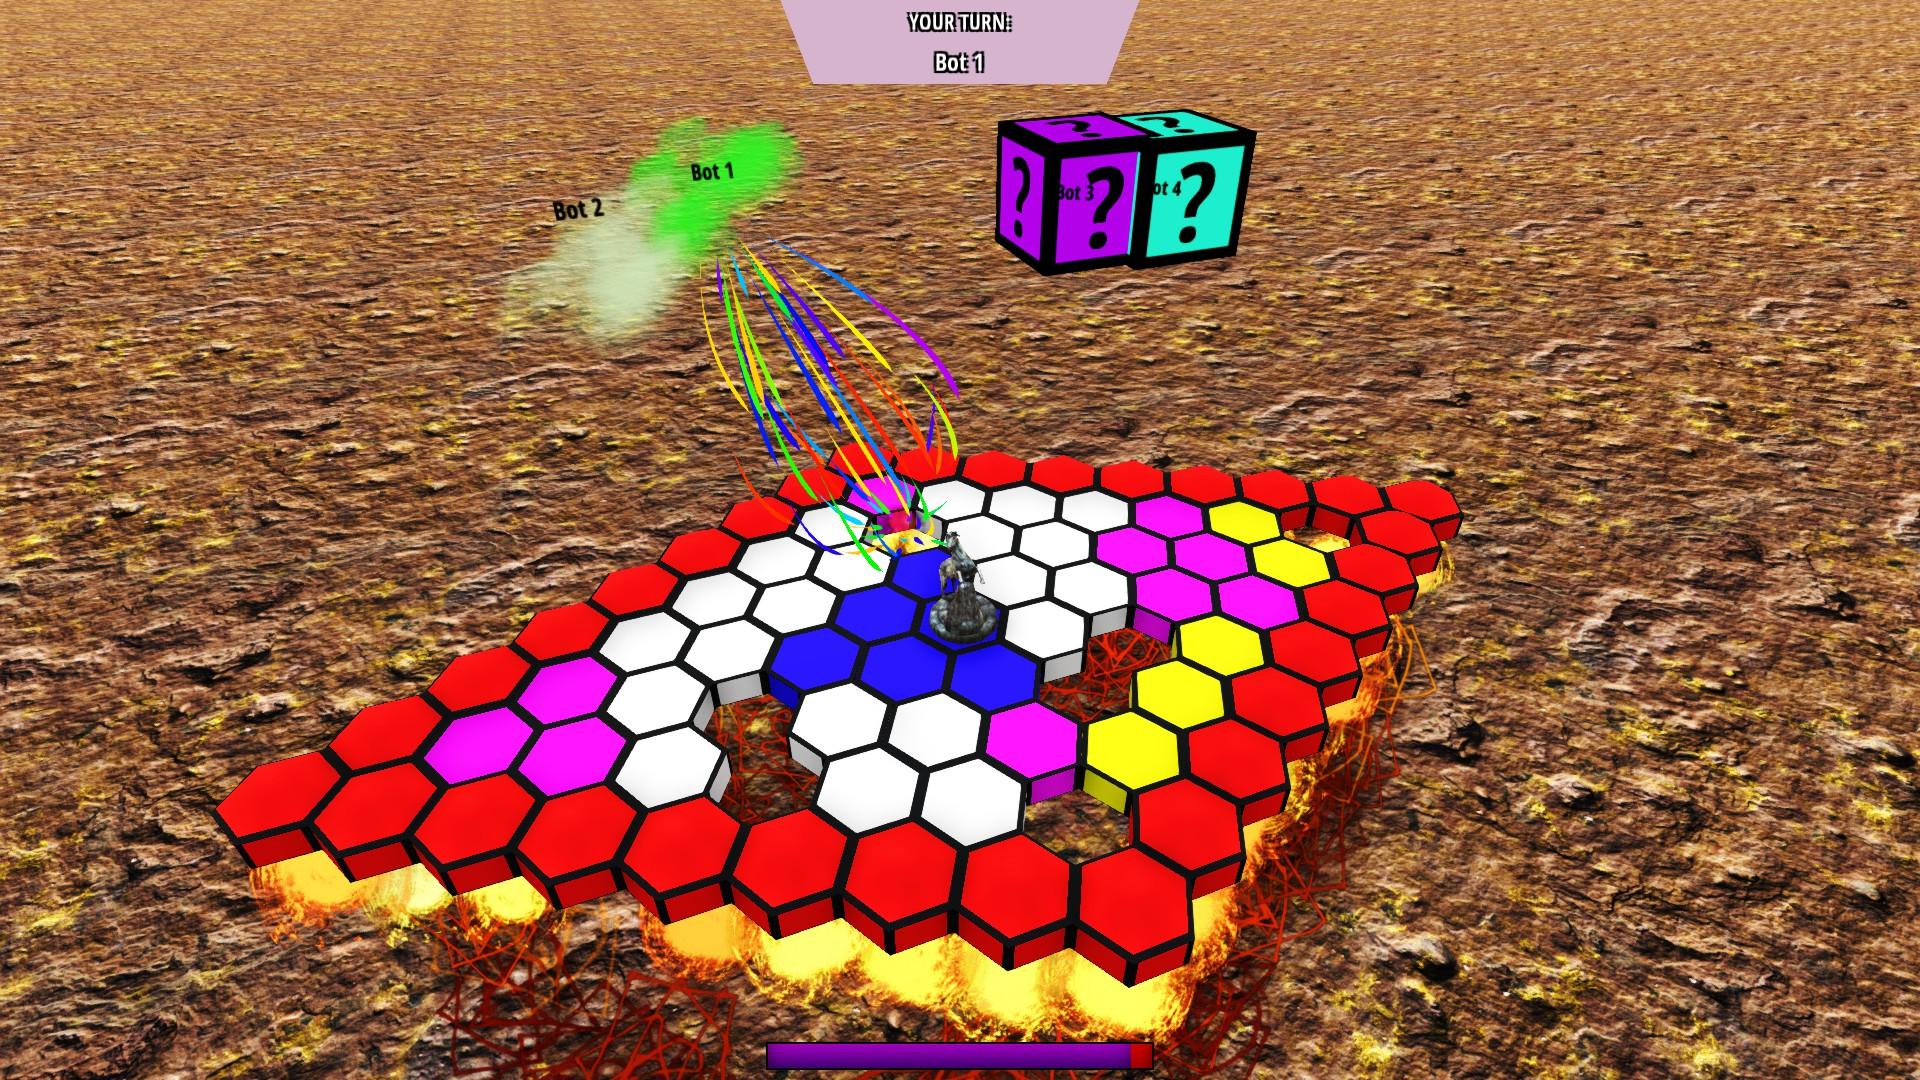 com.steam.639840-screenshot